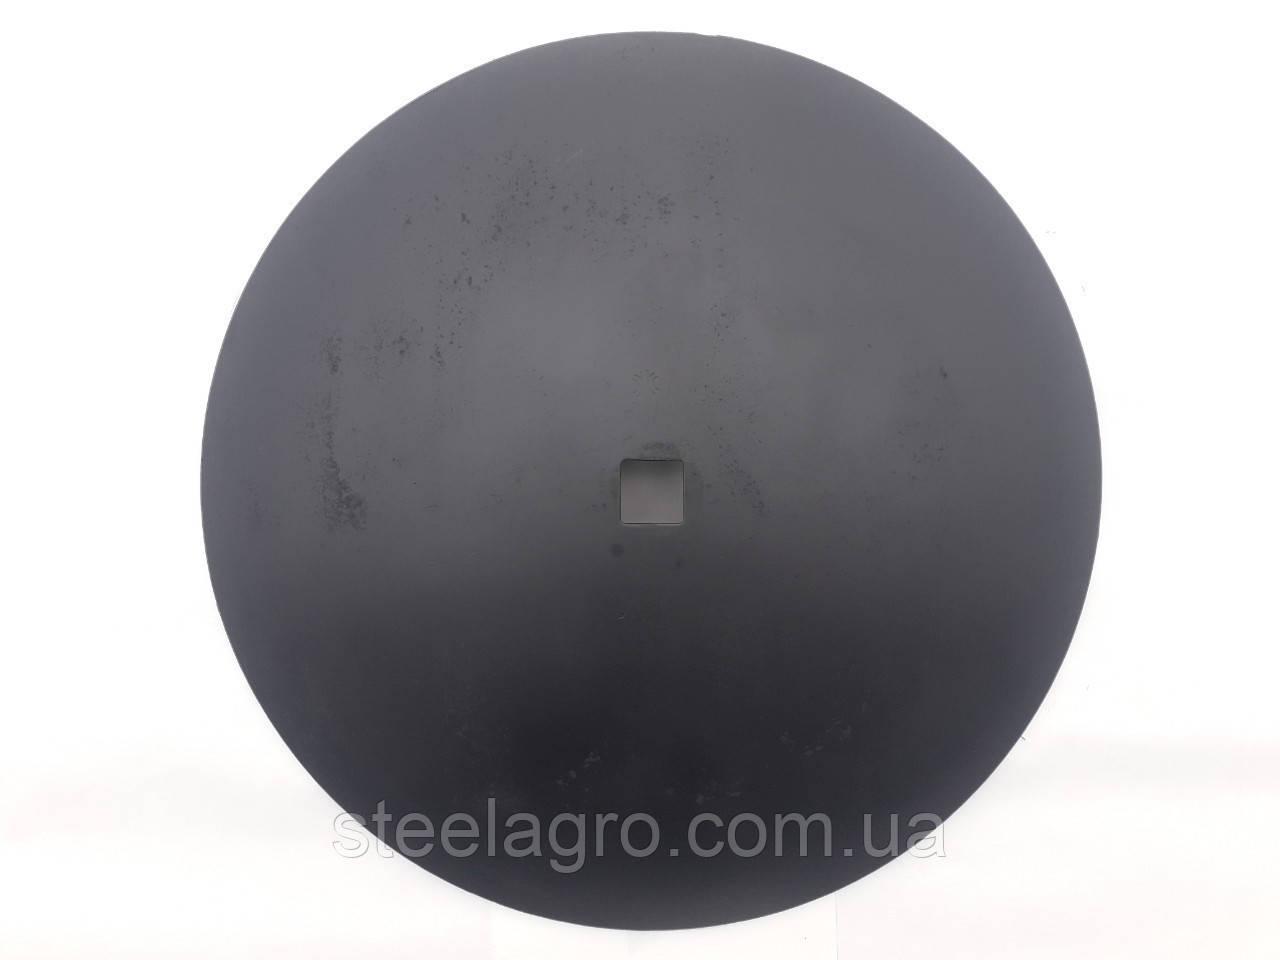 Диск борони Gregoire Besson D=710 мм, кв51х51мм, h=7мм гладкий ст30МпВ5 Грегорі бессон (851003798/851003898)